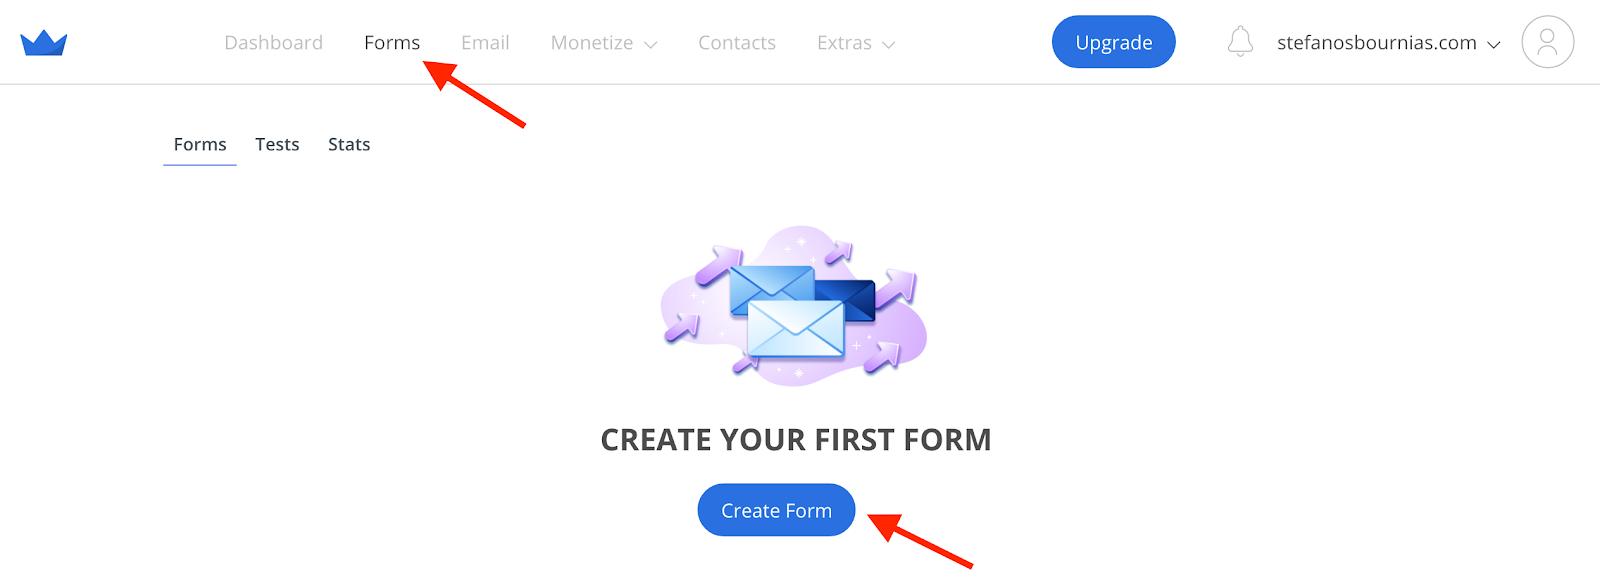 Sumo.com and create a form.